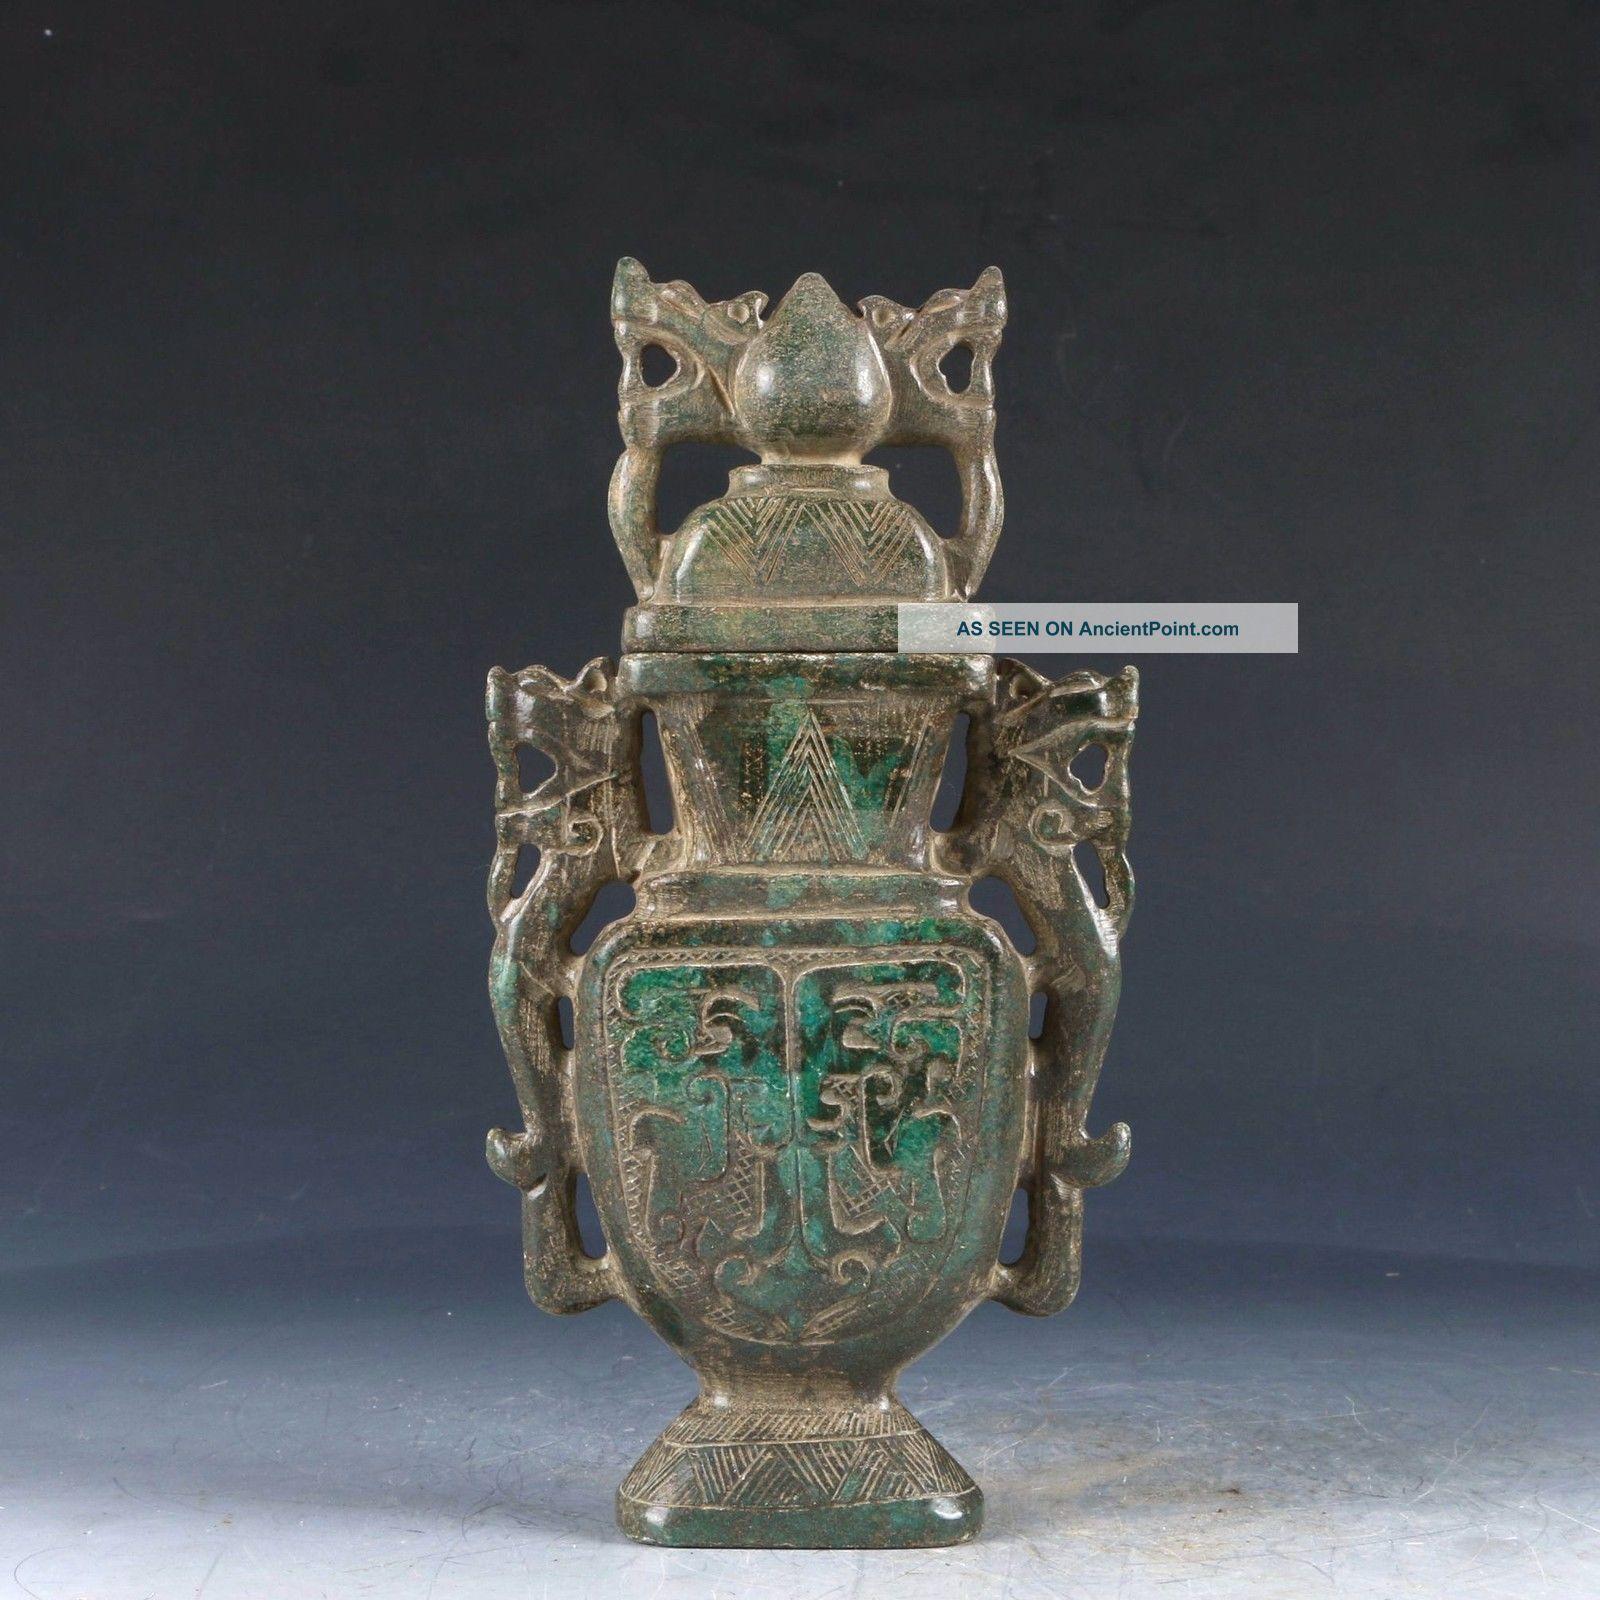 Chinese Old Xiu Jade Handwork Carved Pattern Vase Pj211 Vases photo